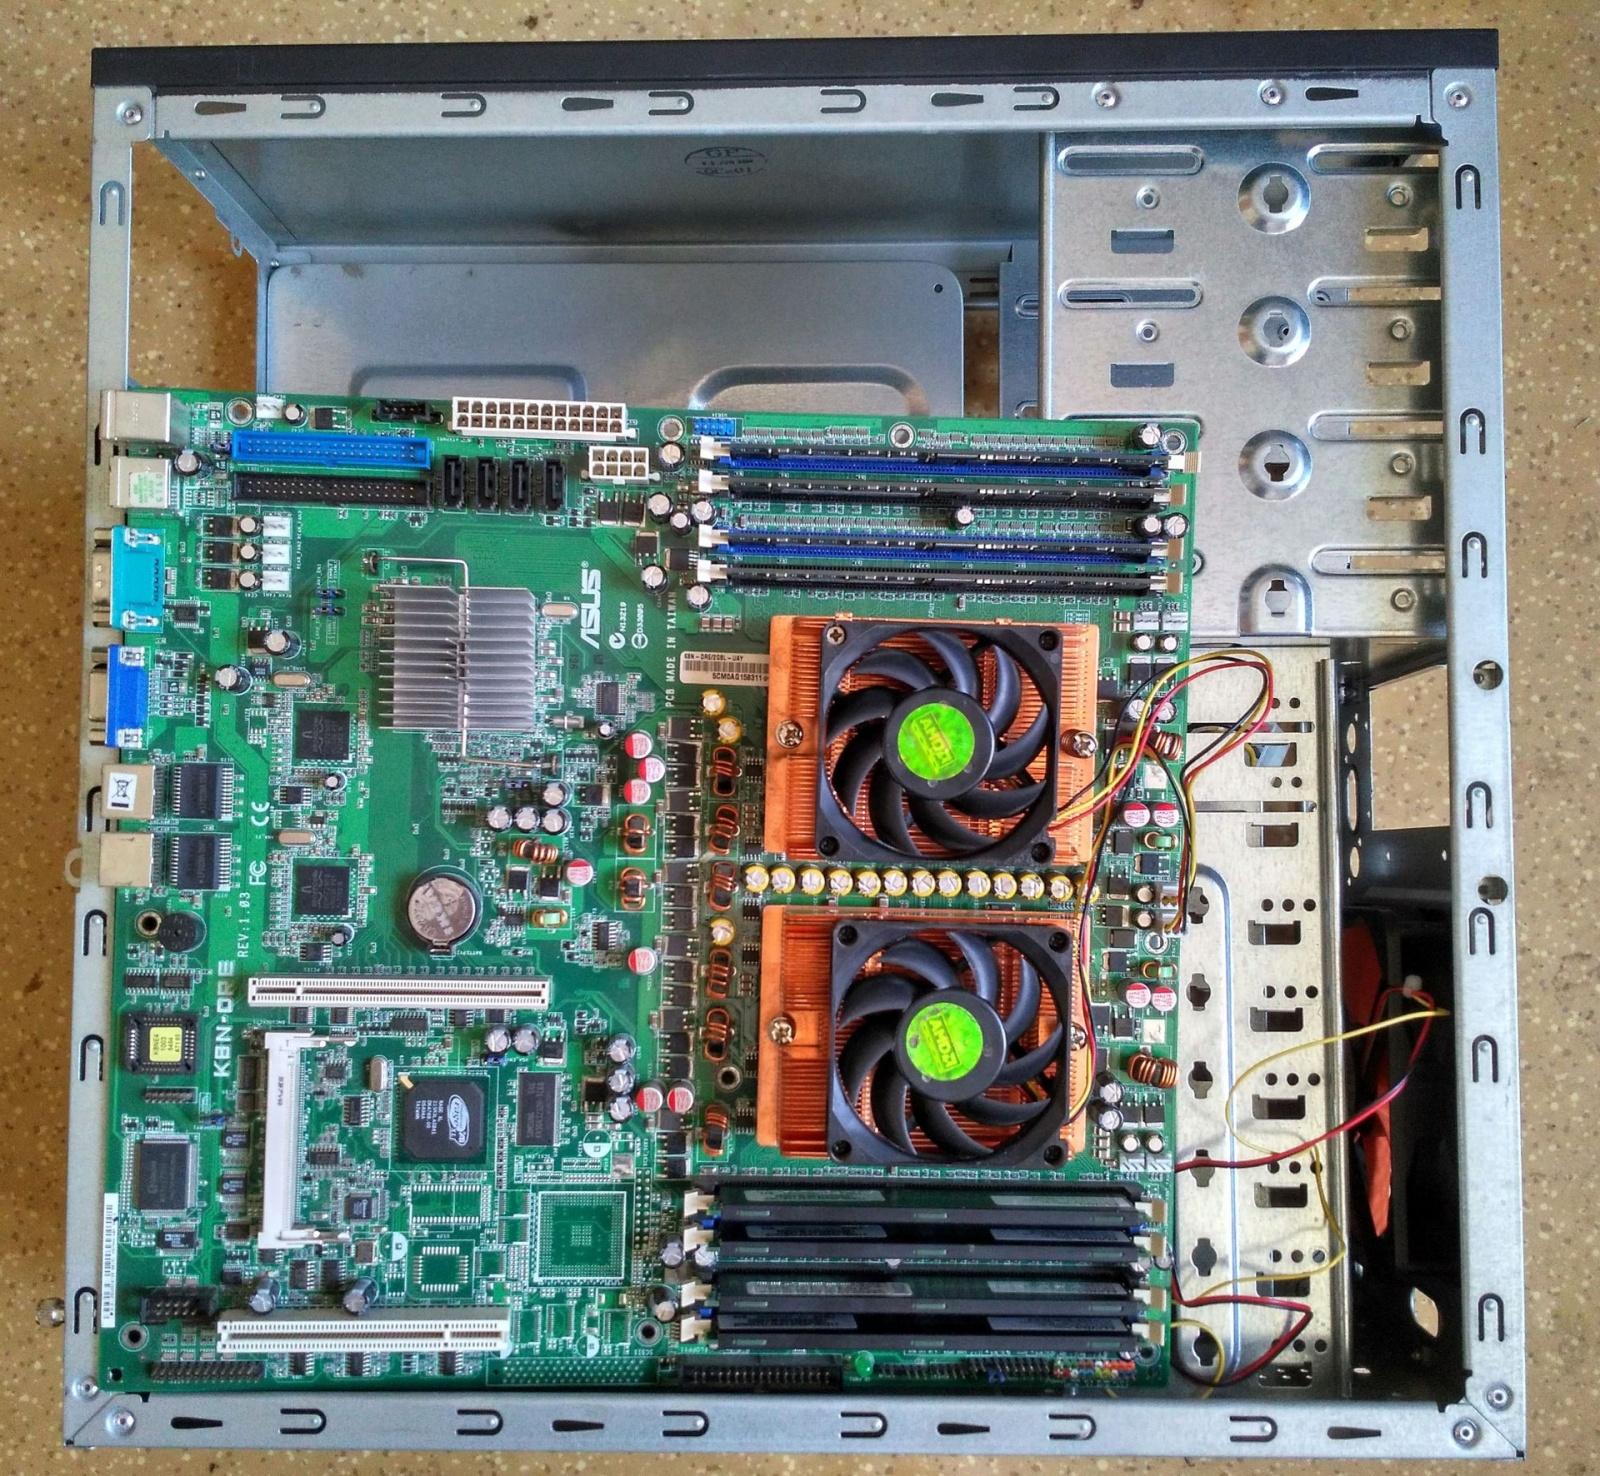 Герои давно ушедших времен против современных компьютерных задач: краткий обзор необычной двухпроцессорной материнки - 10